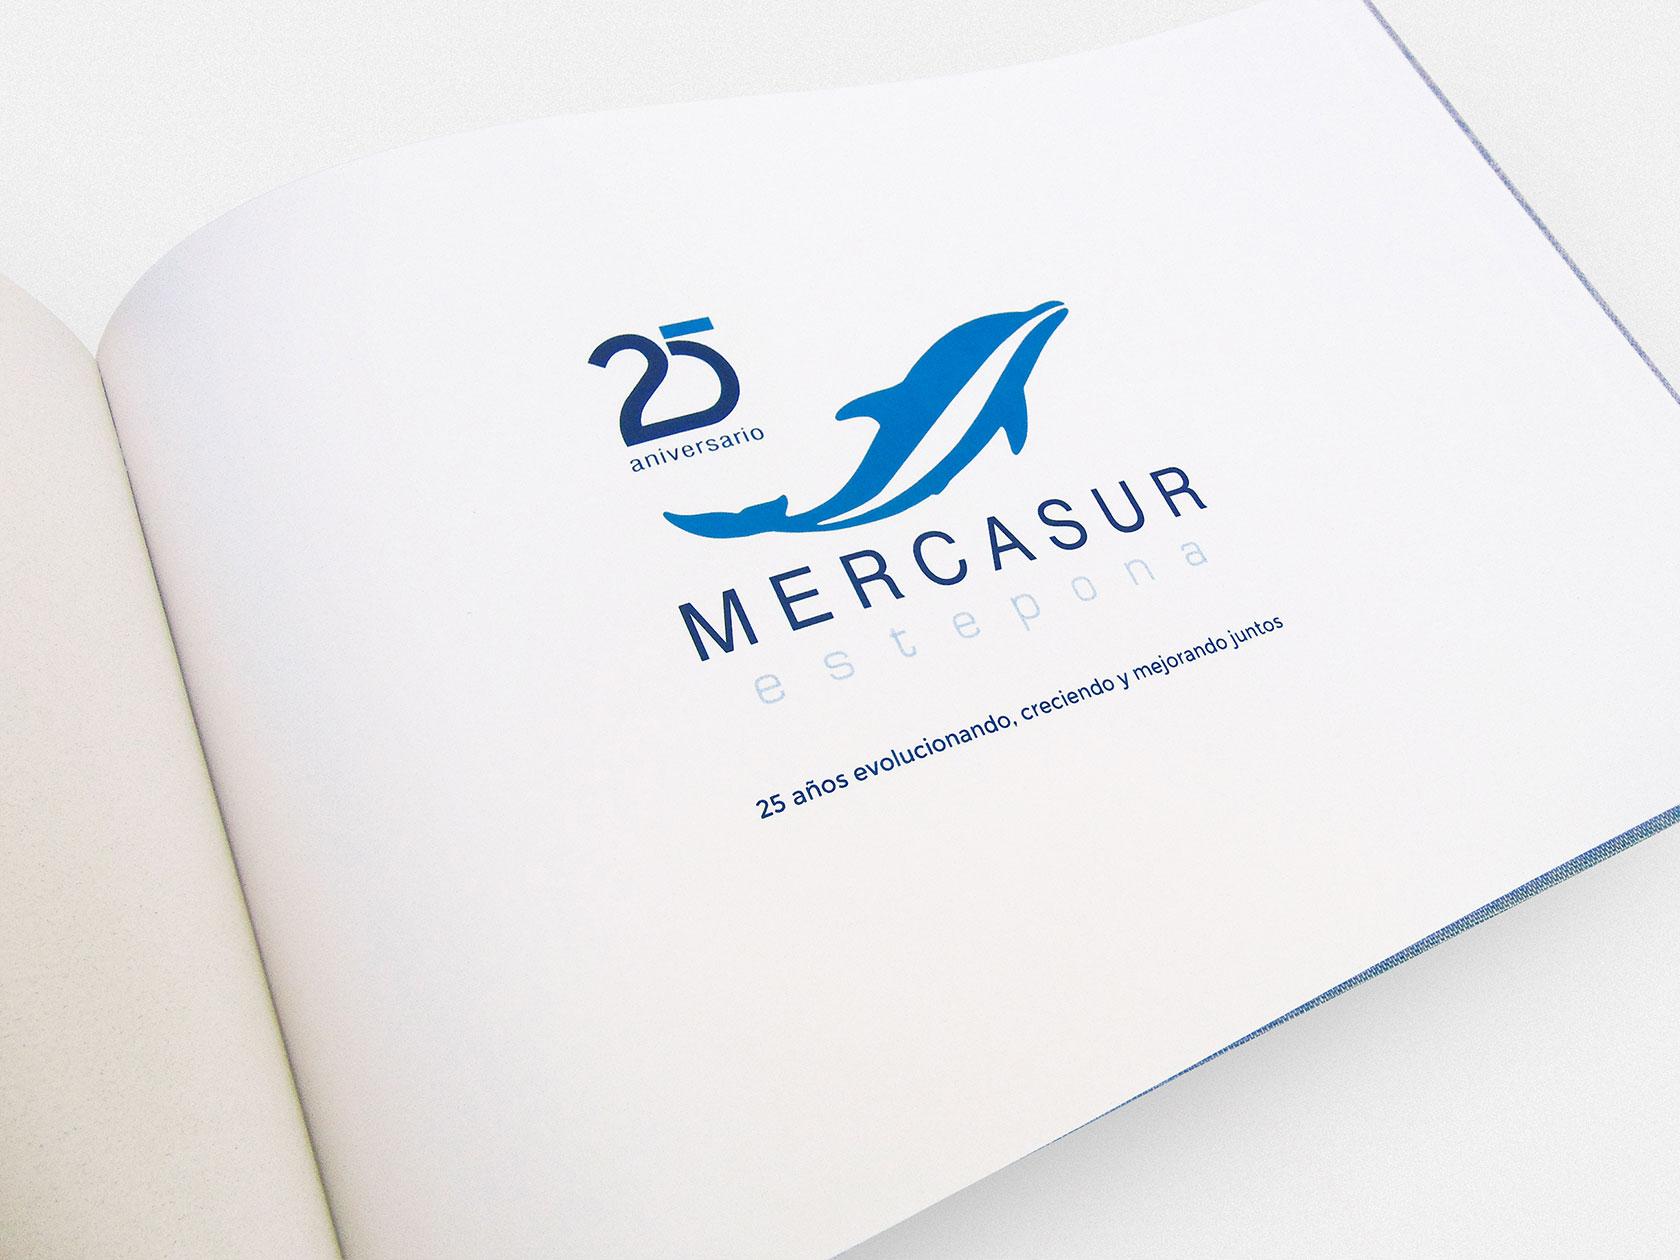 Libro de firmas Mercasur Estepona